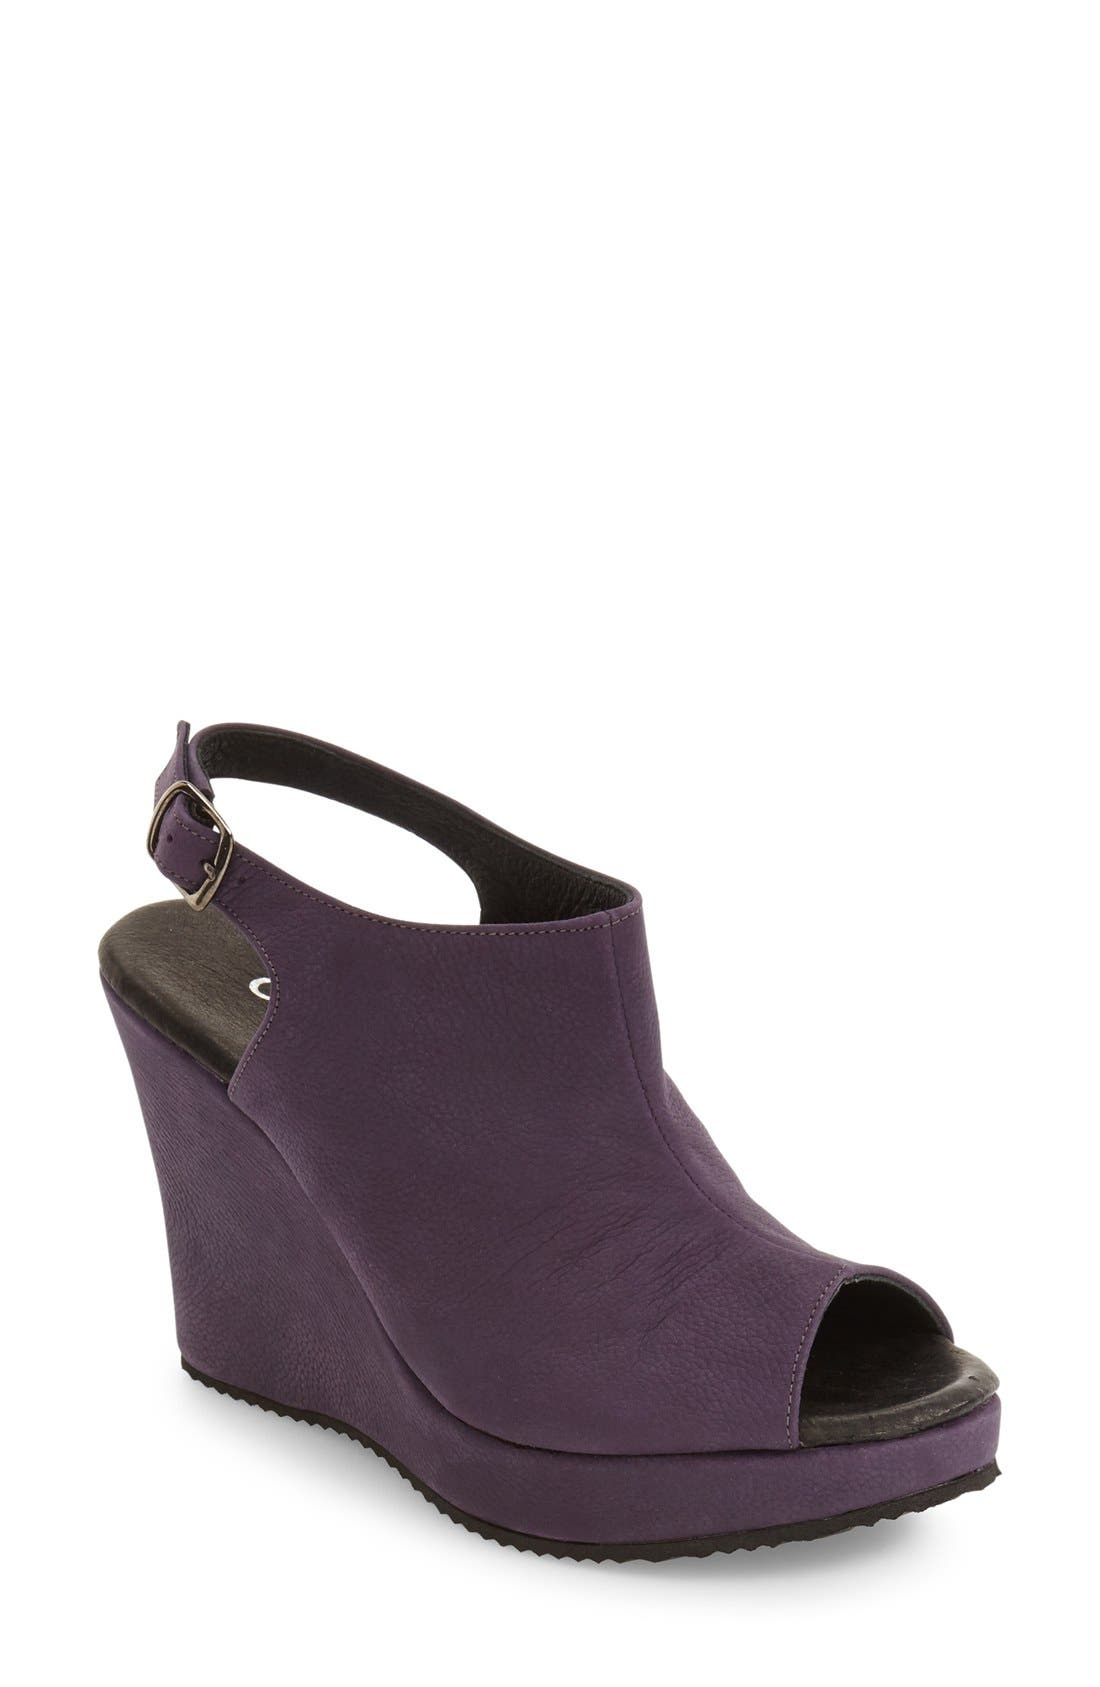 Main Image - Cordani 'Wellesley' Sandal